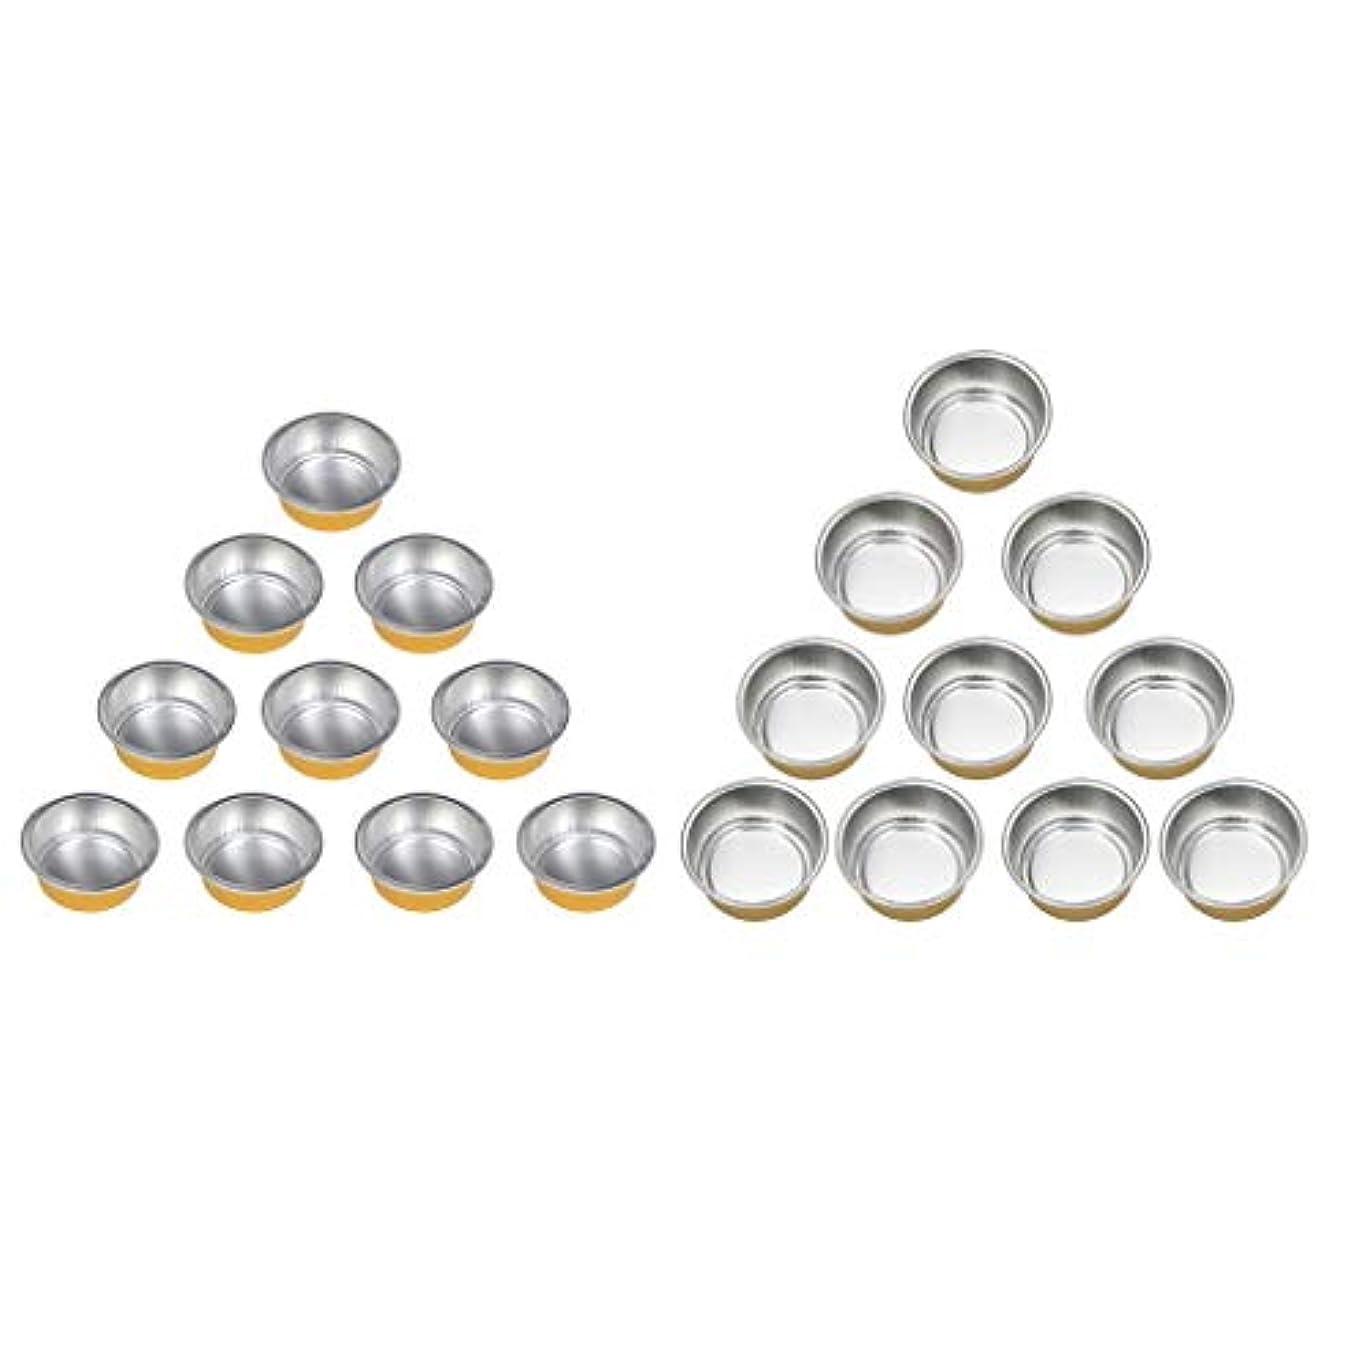 グラフダーツ書くchiwanji ワックスヒーターマシンのための20個のホットアルミ箔ワックス溶融マグカップボウルポット錫